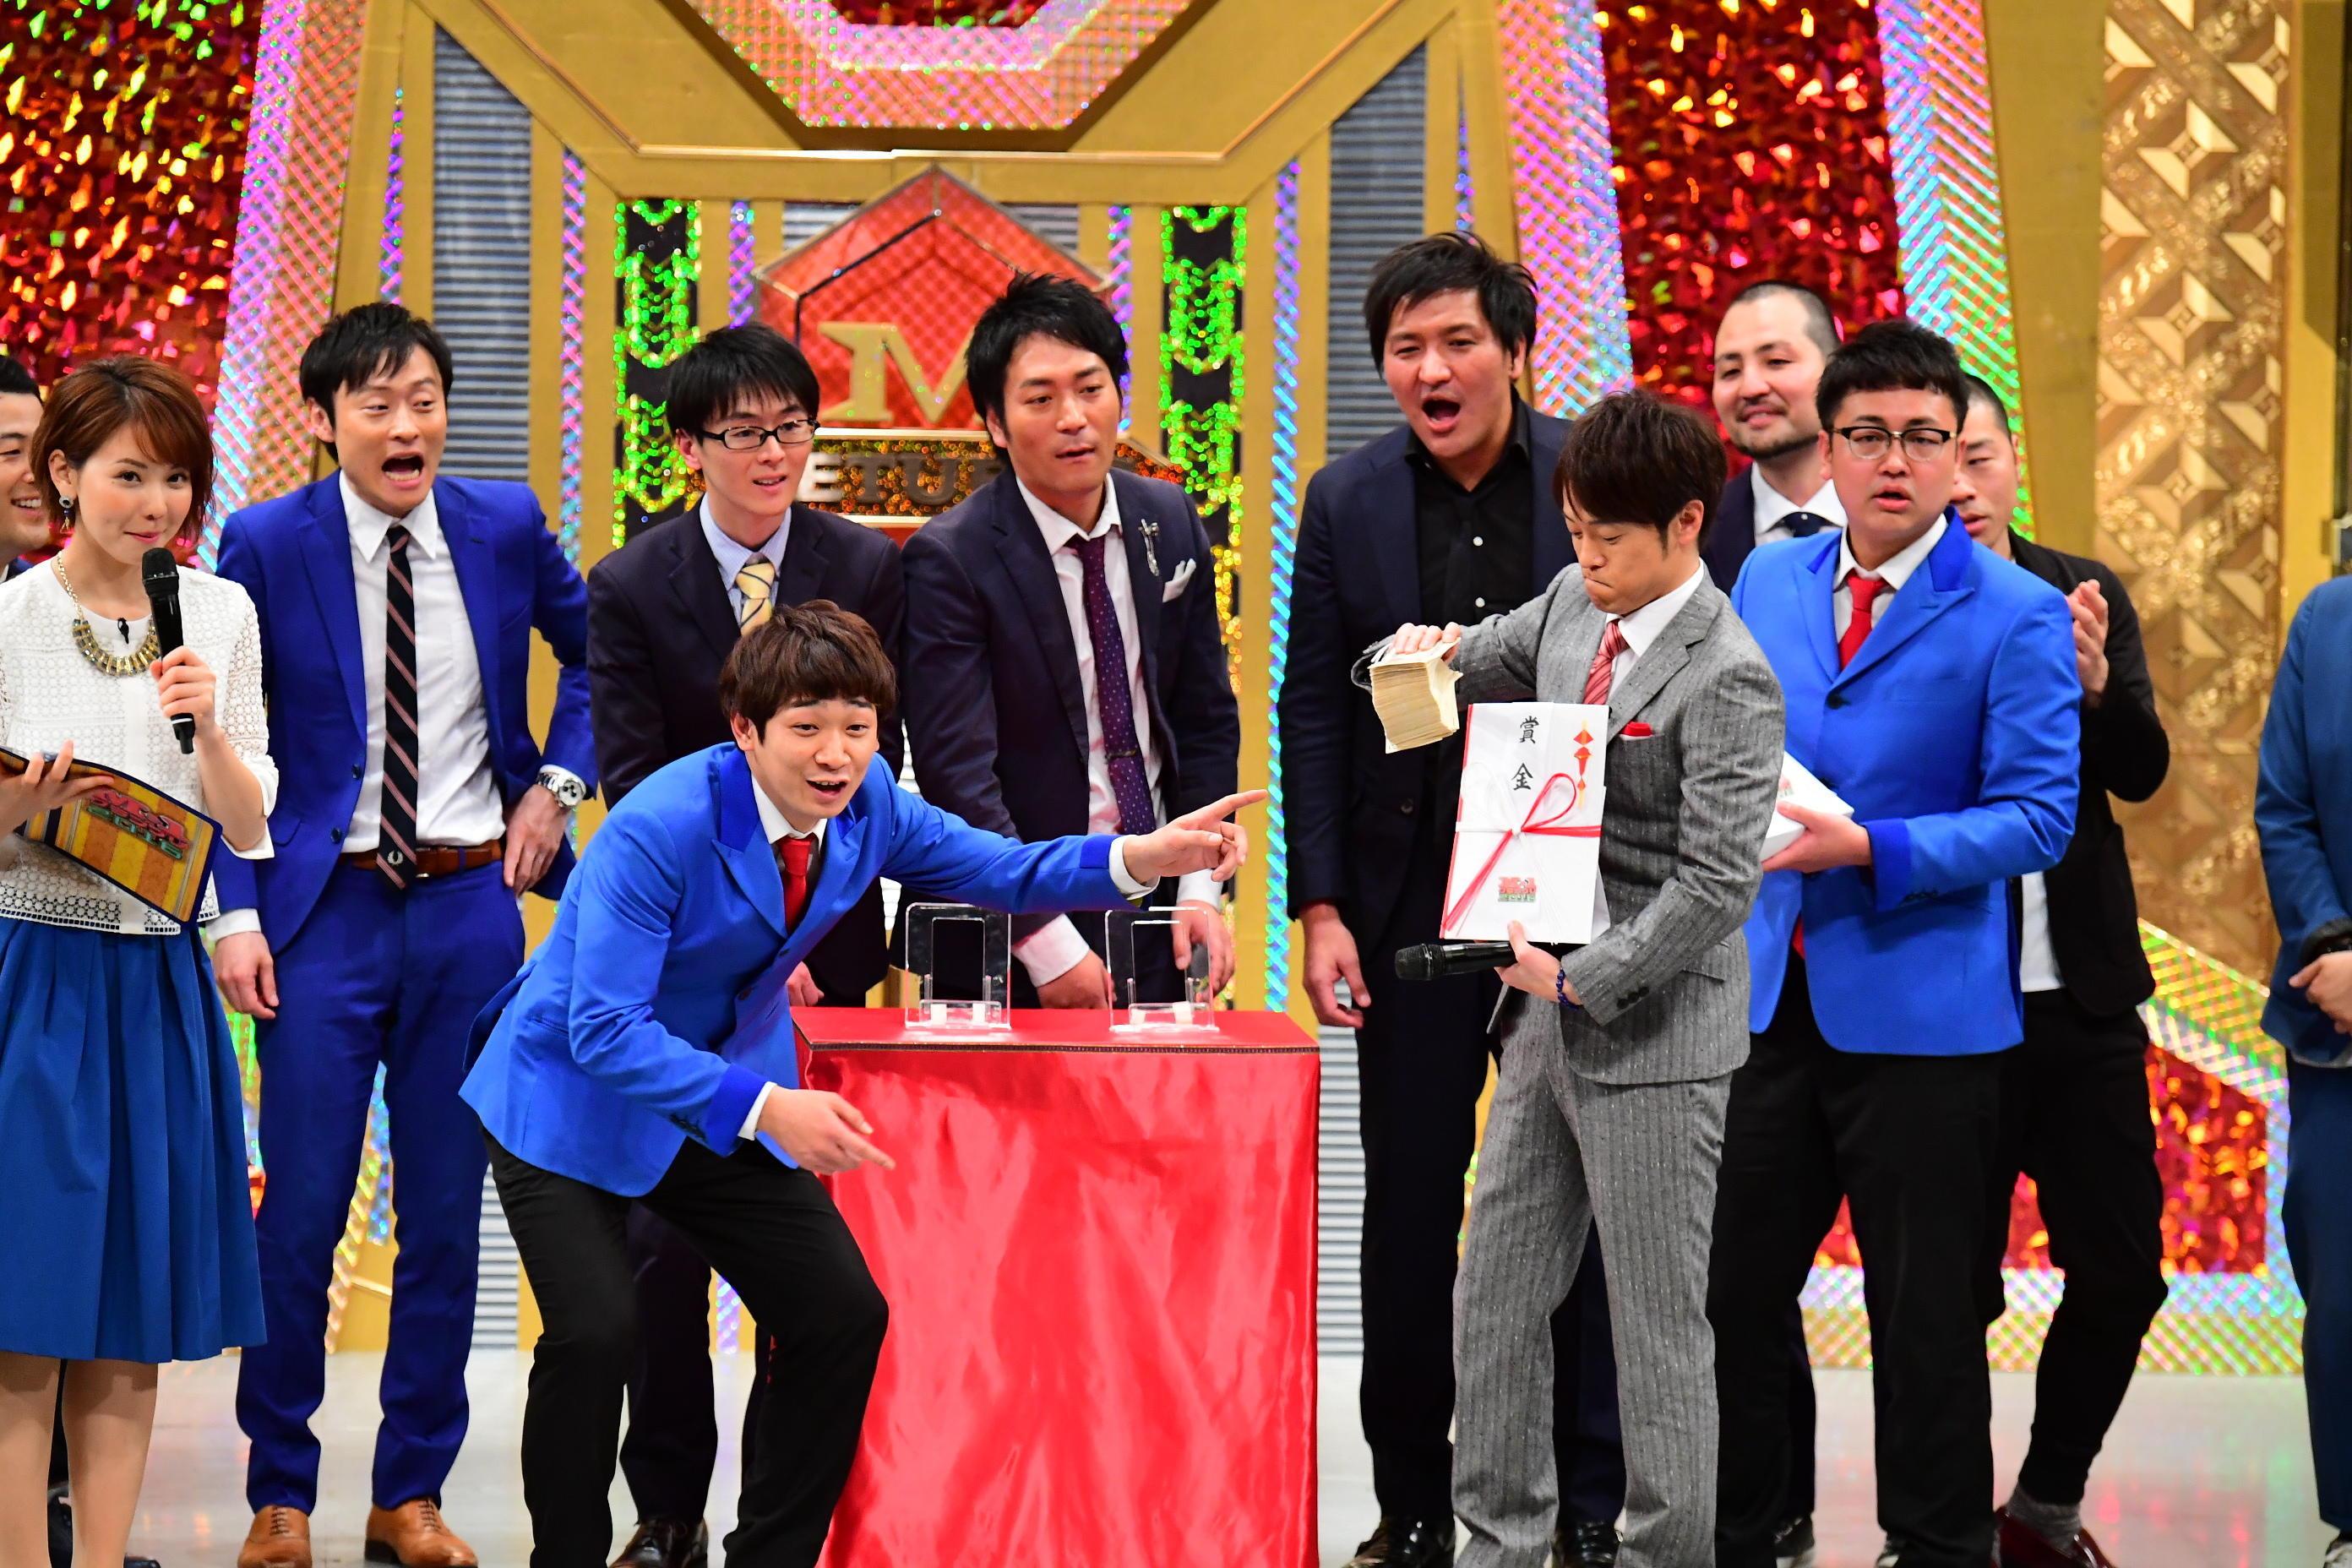 http://news.yoshimoto.co.jp/20170228155901-987068ccb2b5caefbd7c4562f26fdbb31bd76de3.jpg